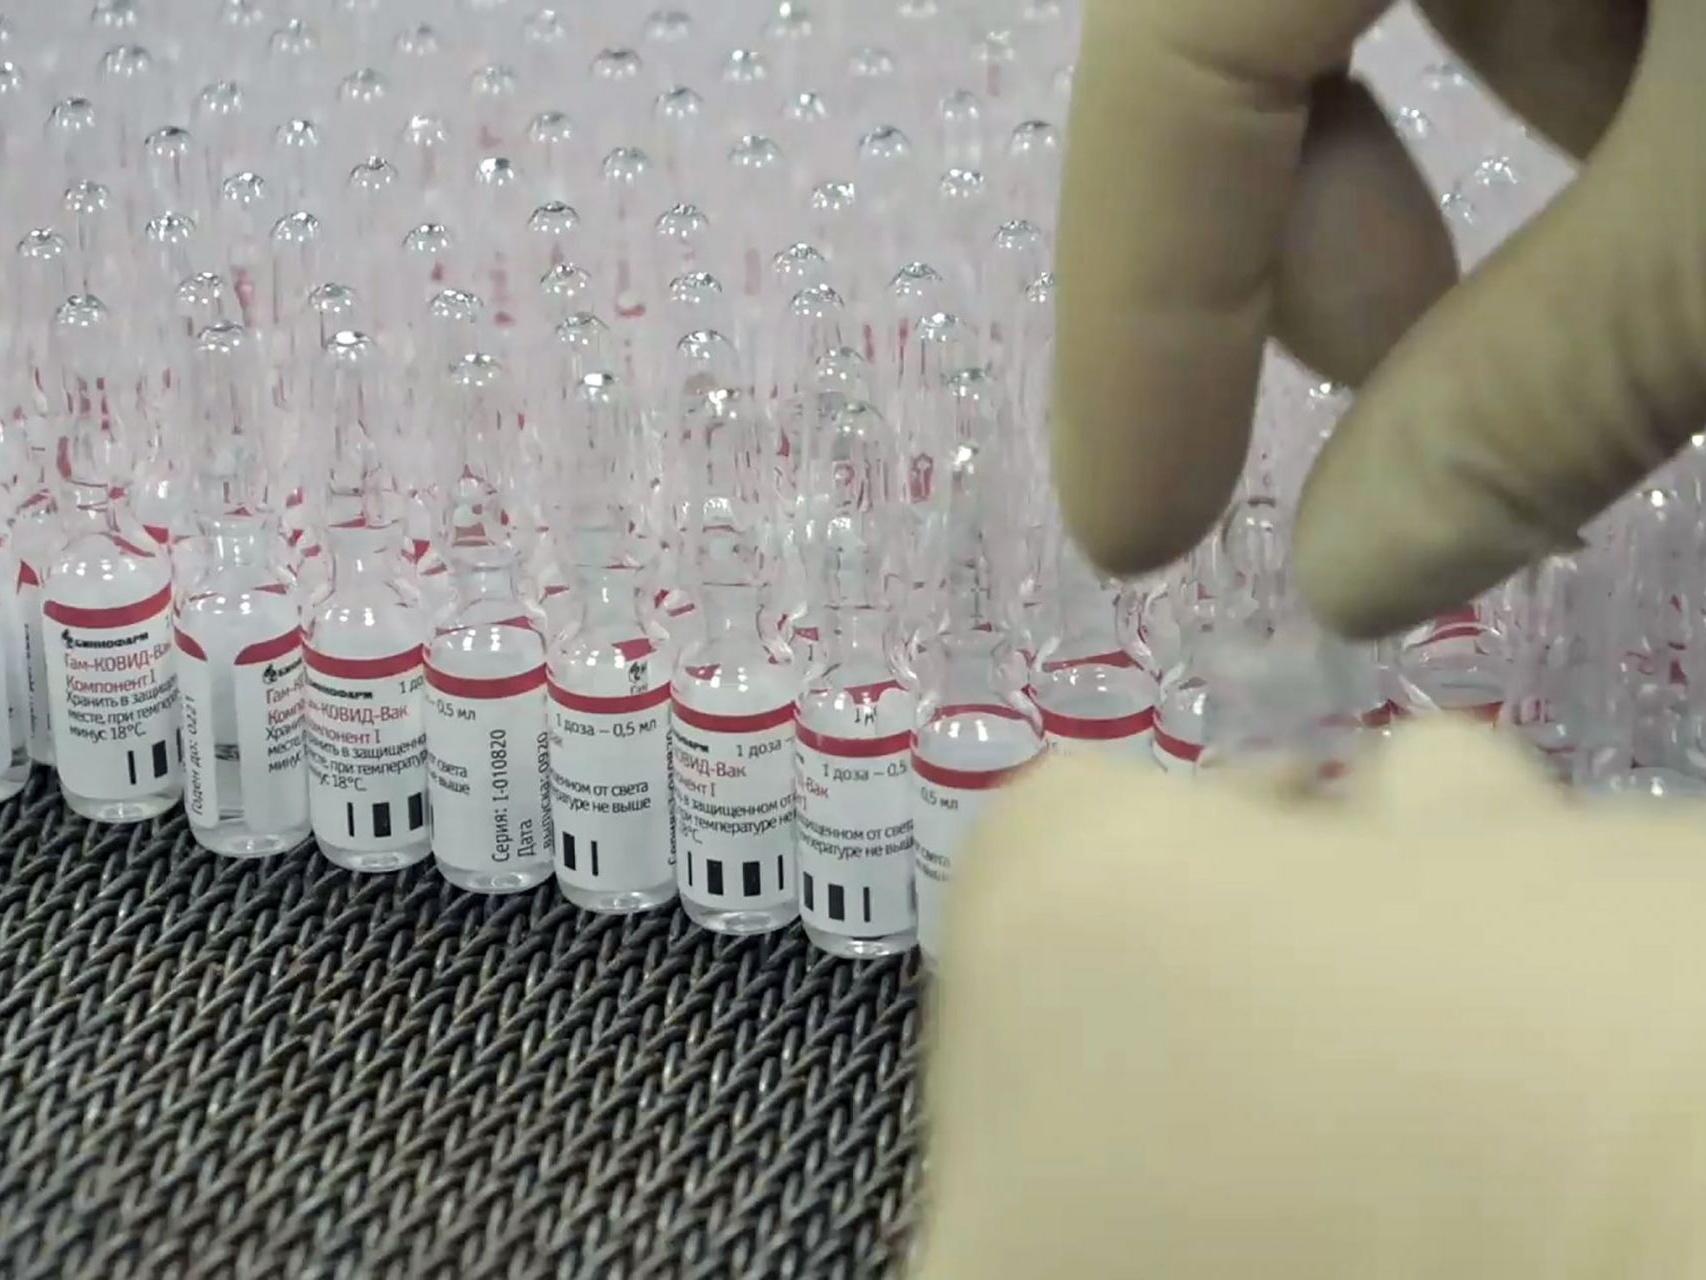 全球新冠肺炎疫苗竞赛相关进展